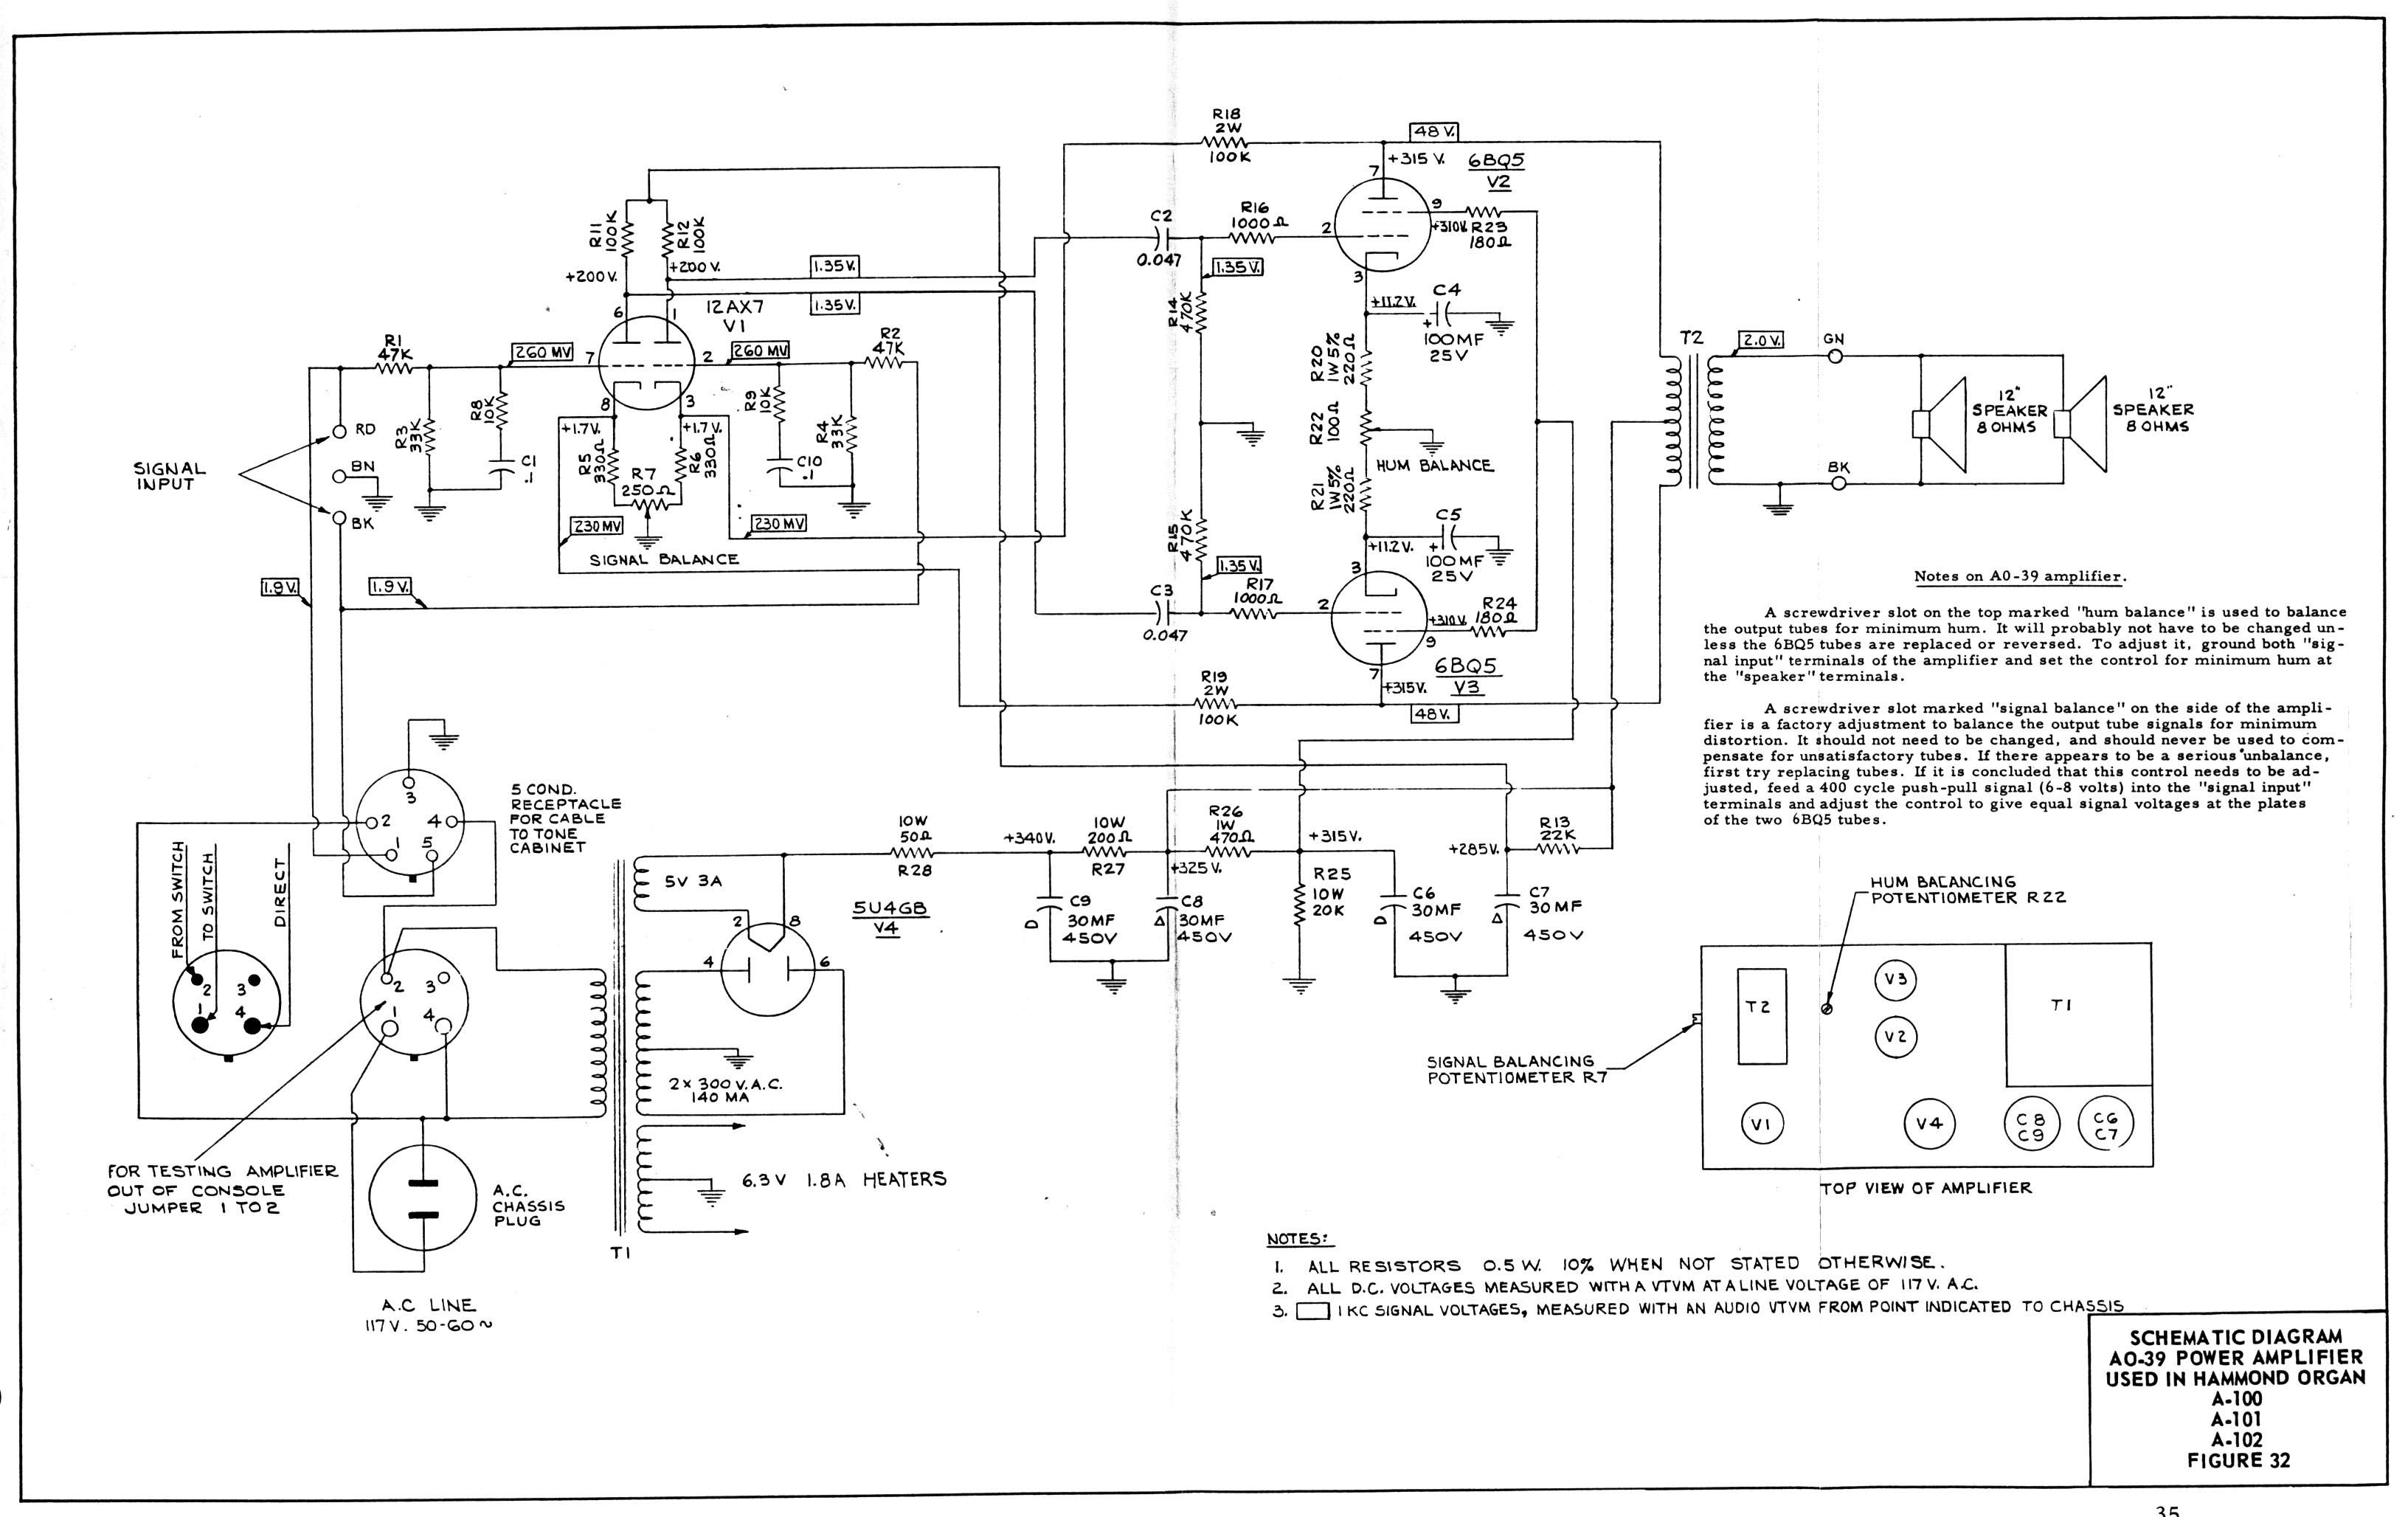 schematic #3